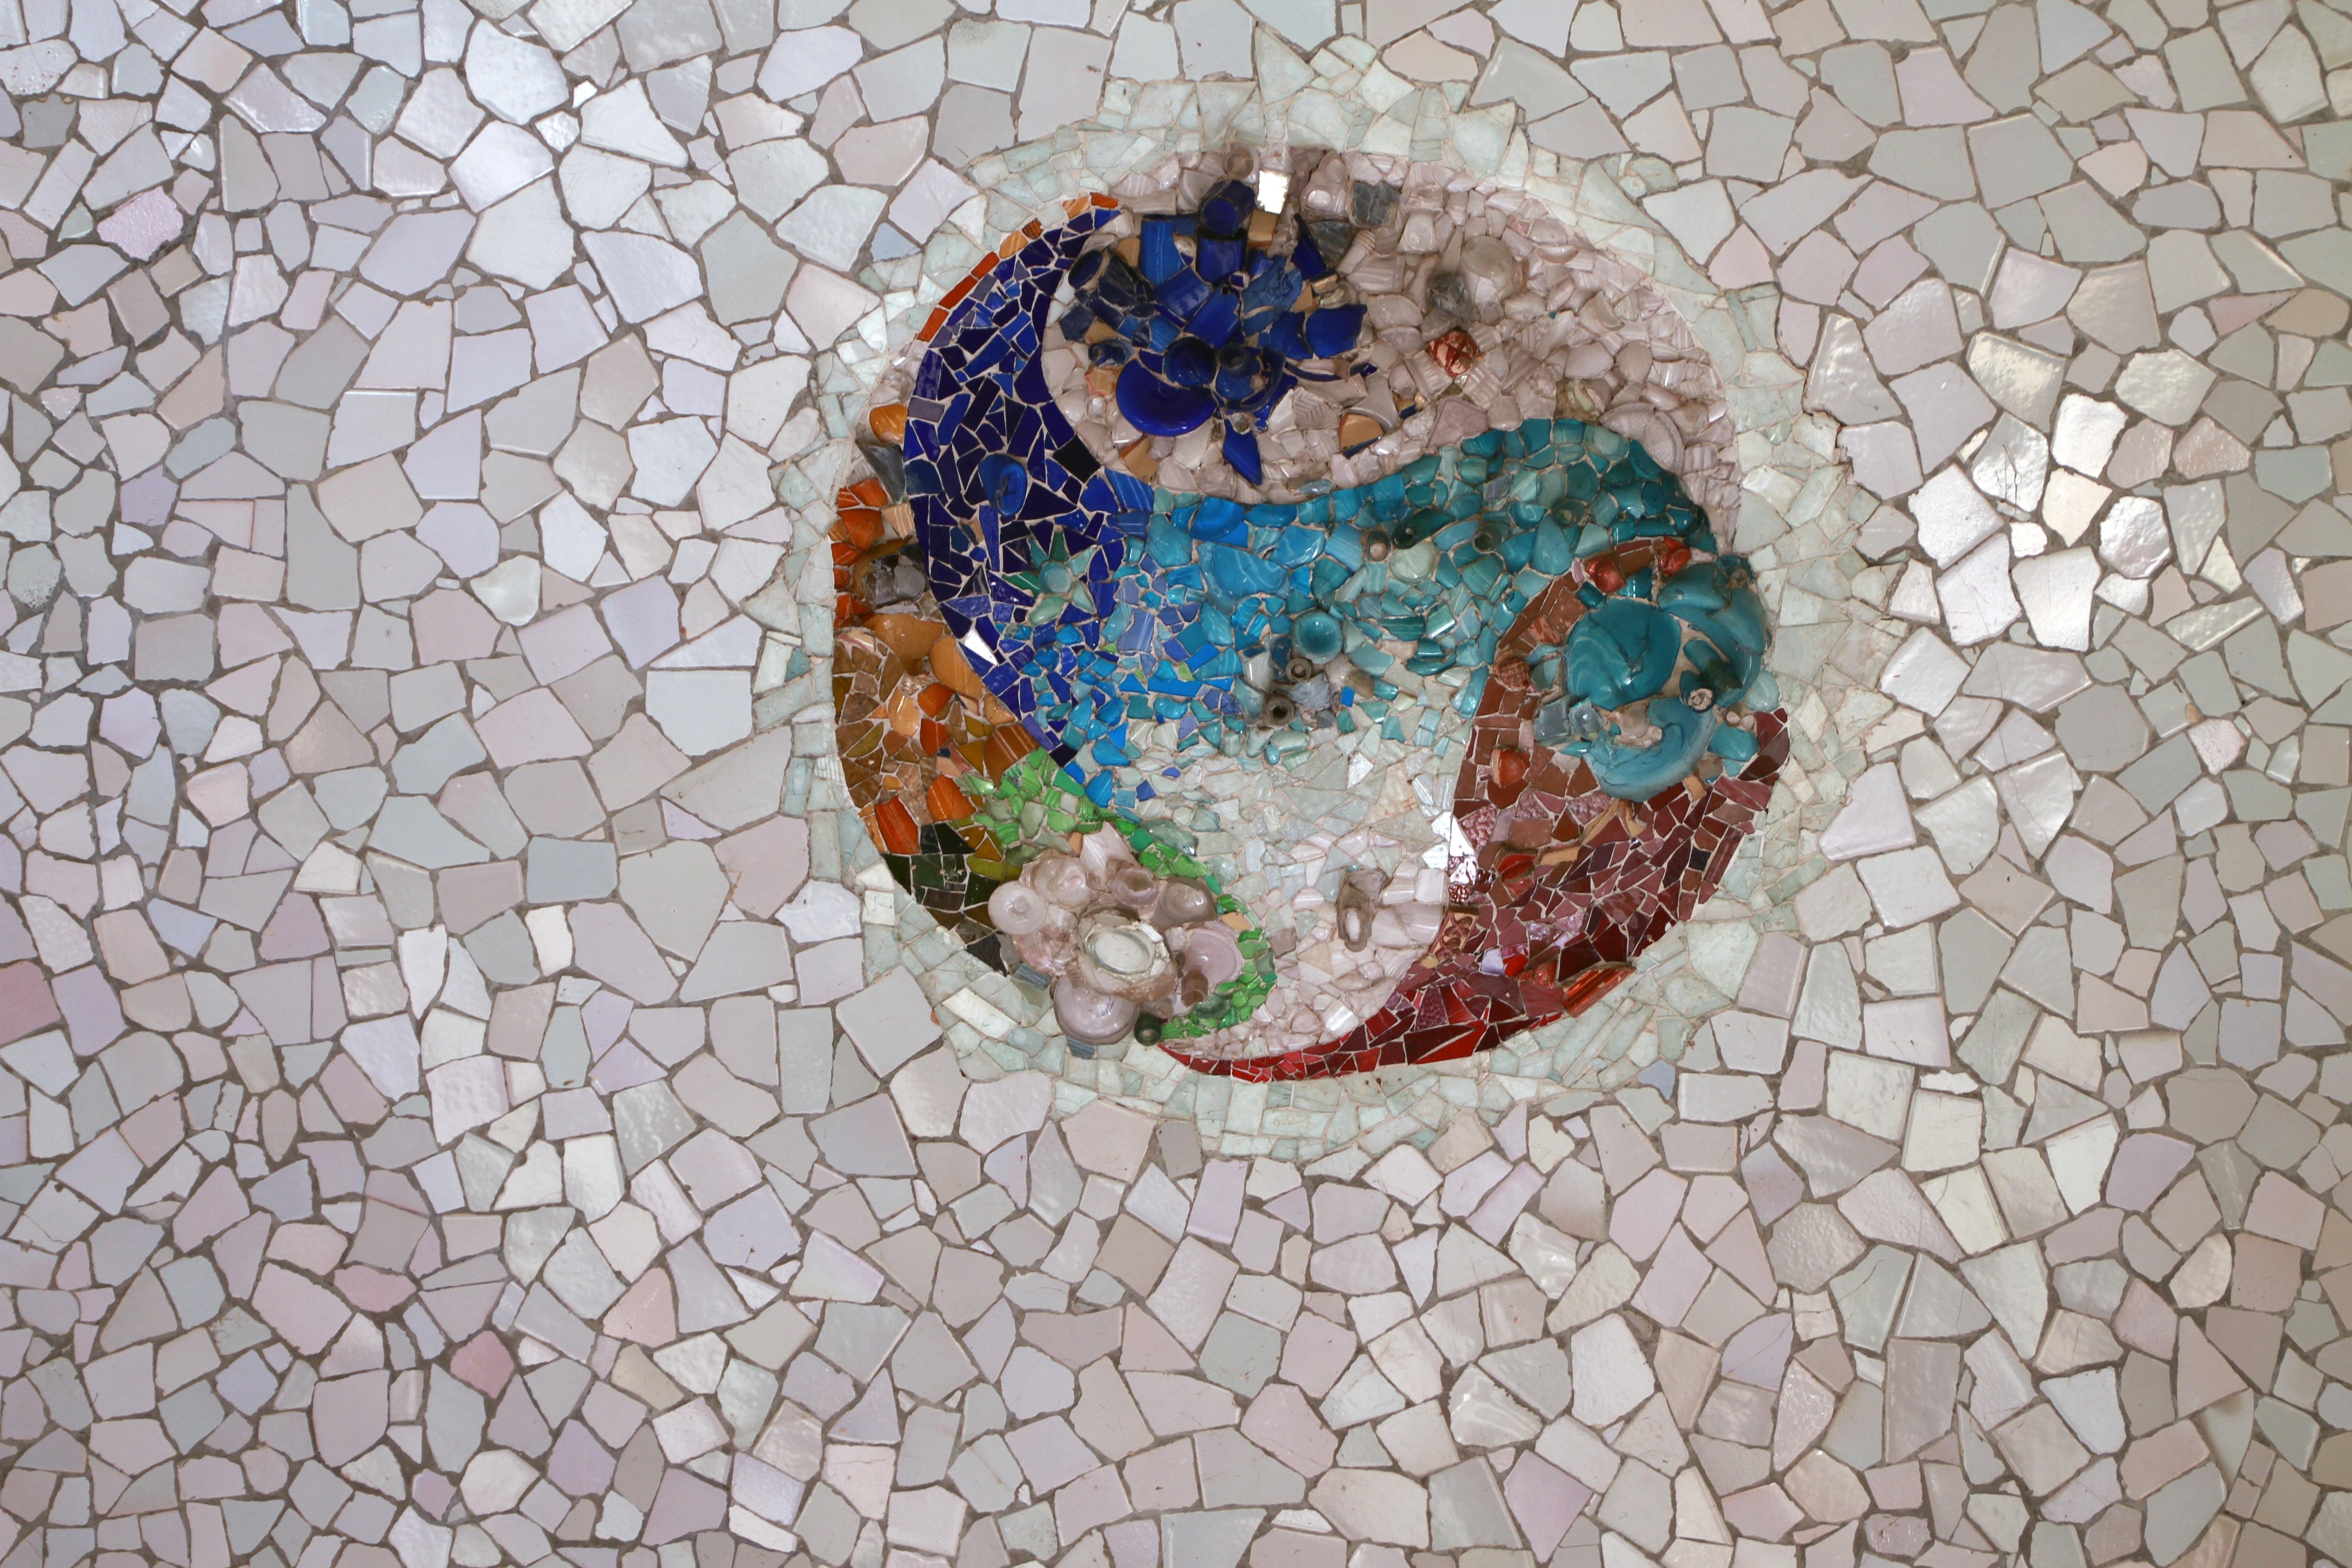 무료 이미지 : 건축물, 조직, 벽, 미술, 모자이크, 가우디, 모양 ...